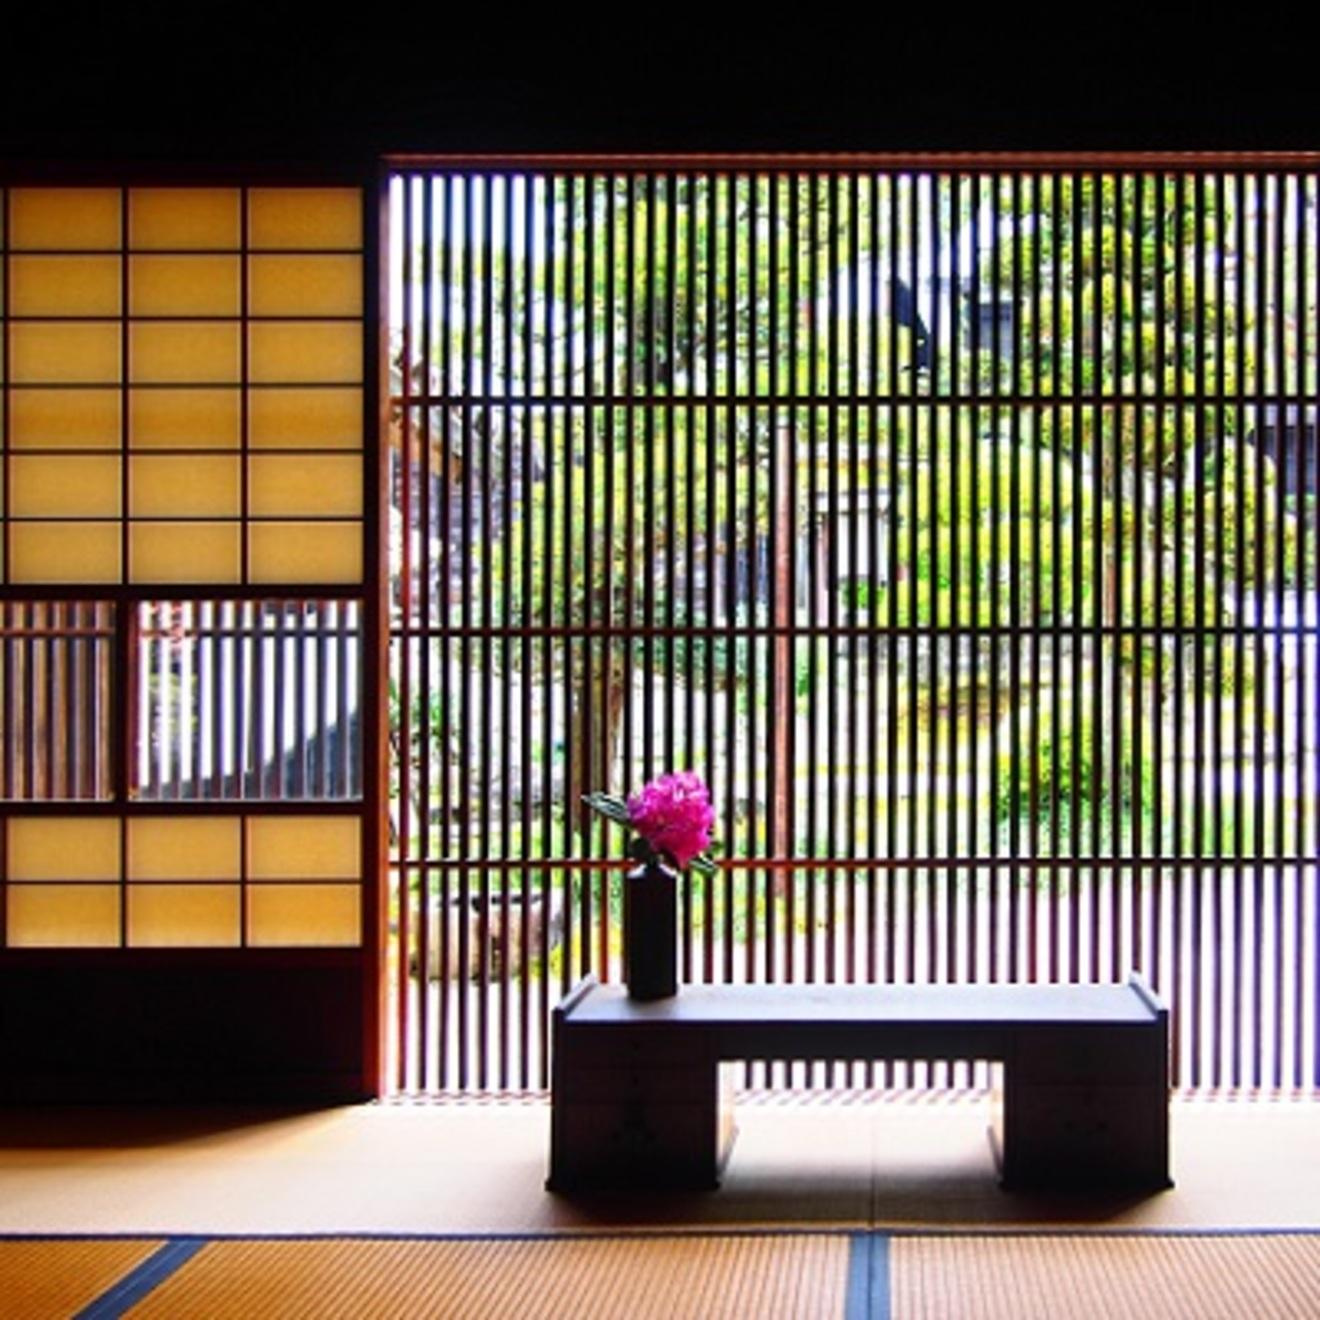 日本の古典が面白い!教養としても読んでおきたいおすすめ本6選!